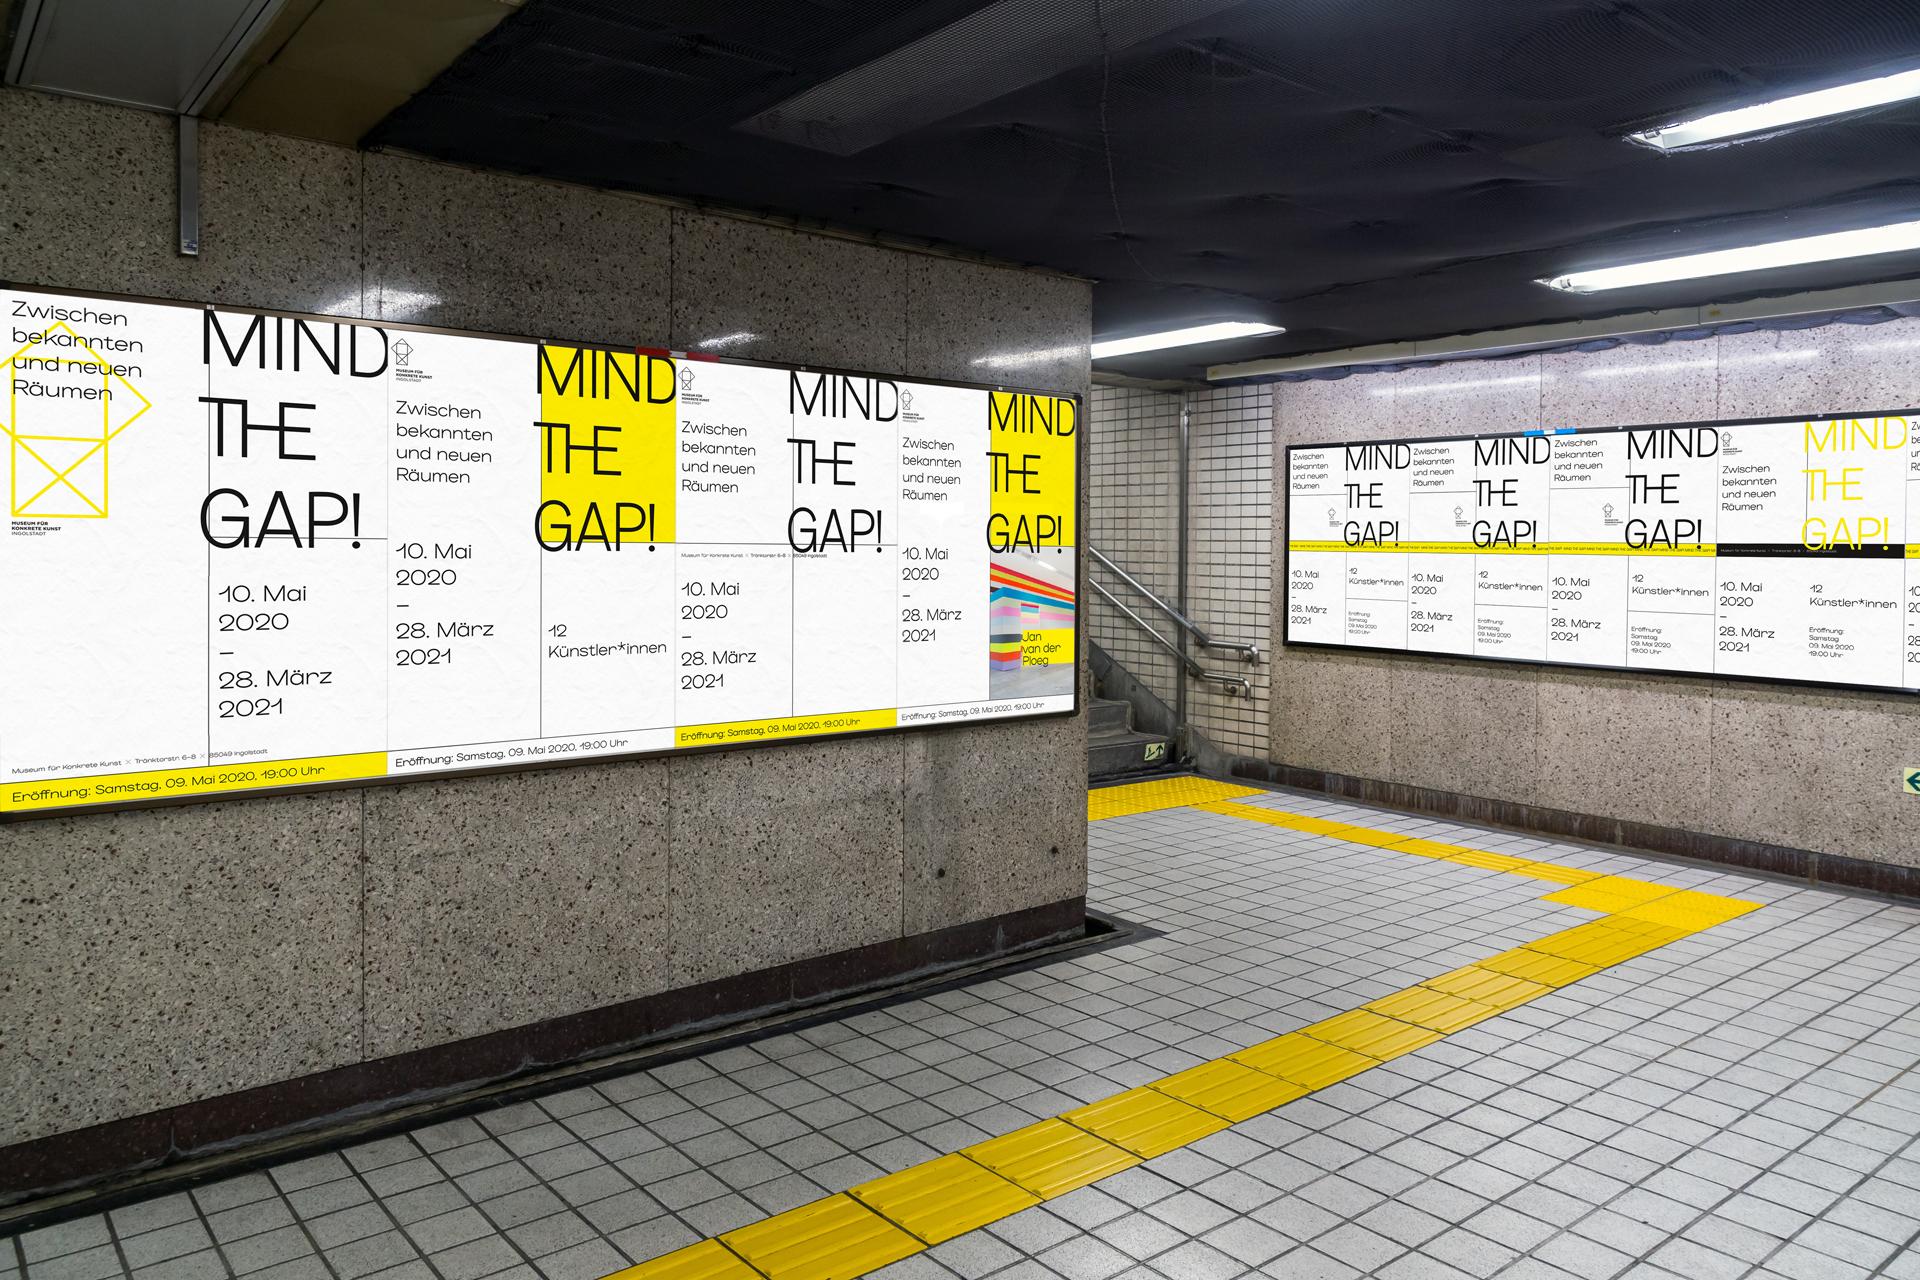 Plakatierung von Plakaten für die Ausstellung